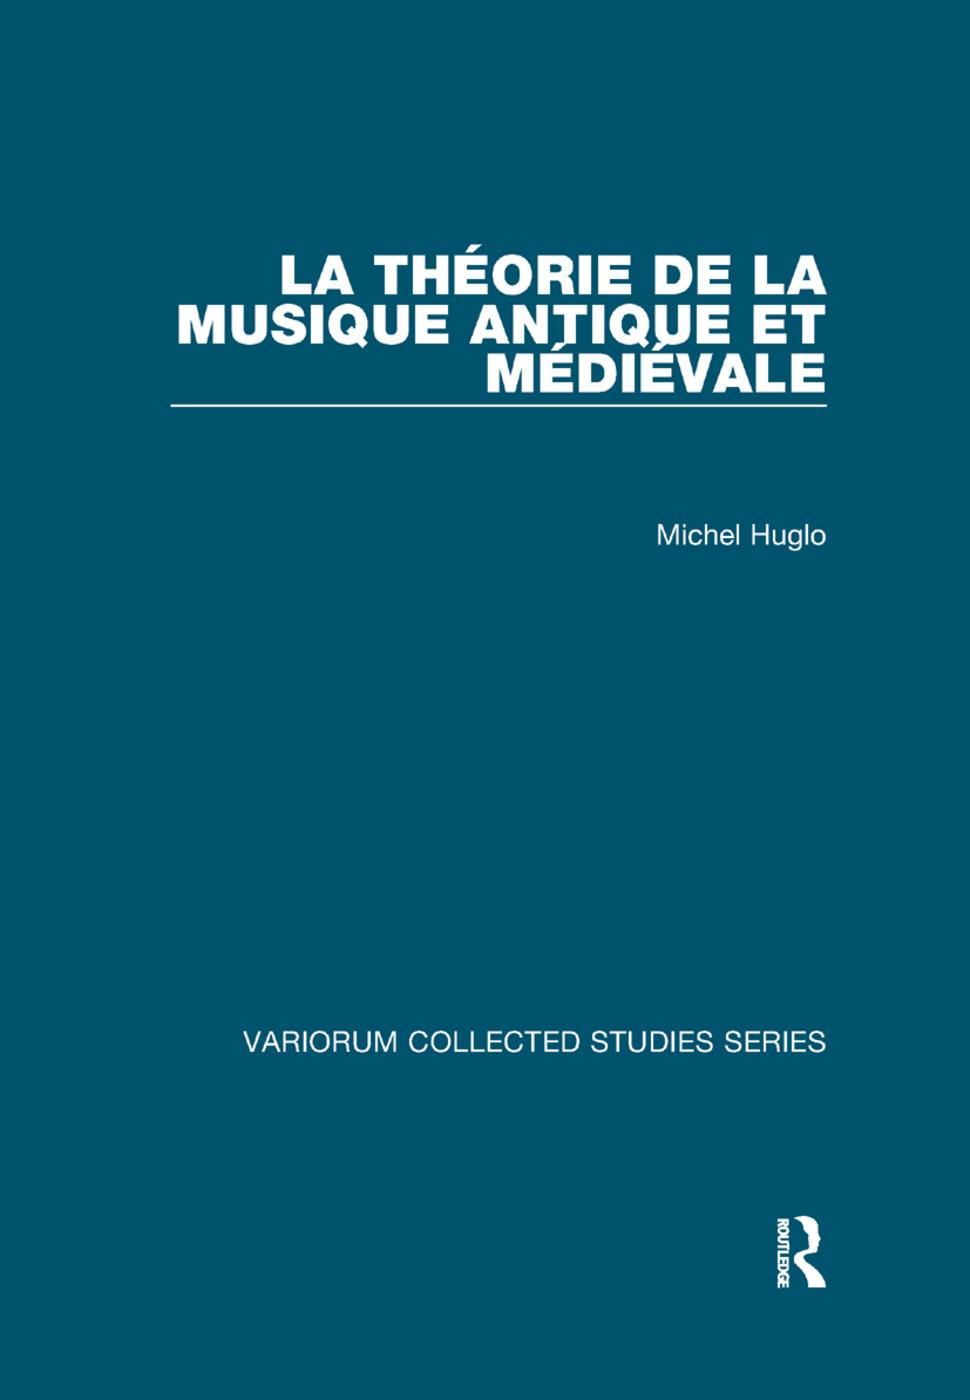 La théorie de la musique antique et médiévale book cover